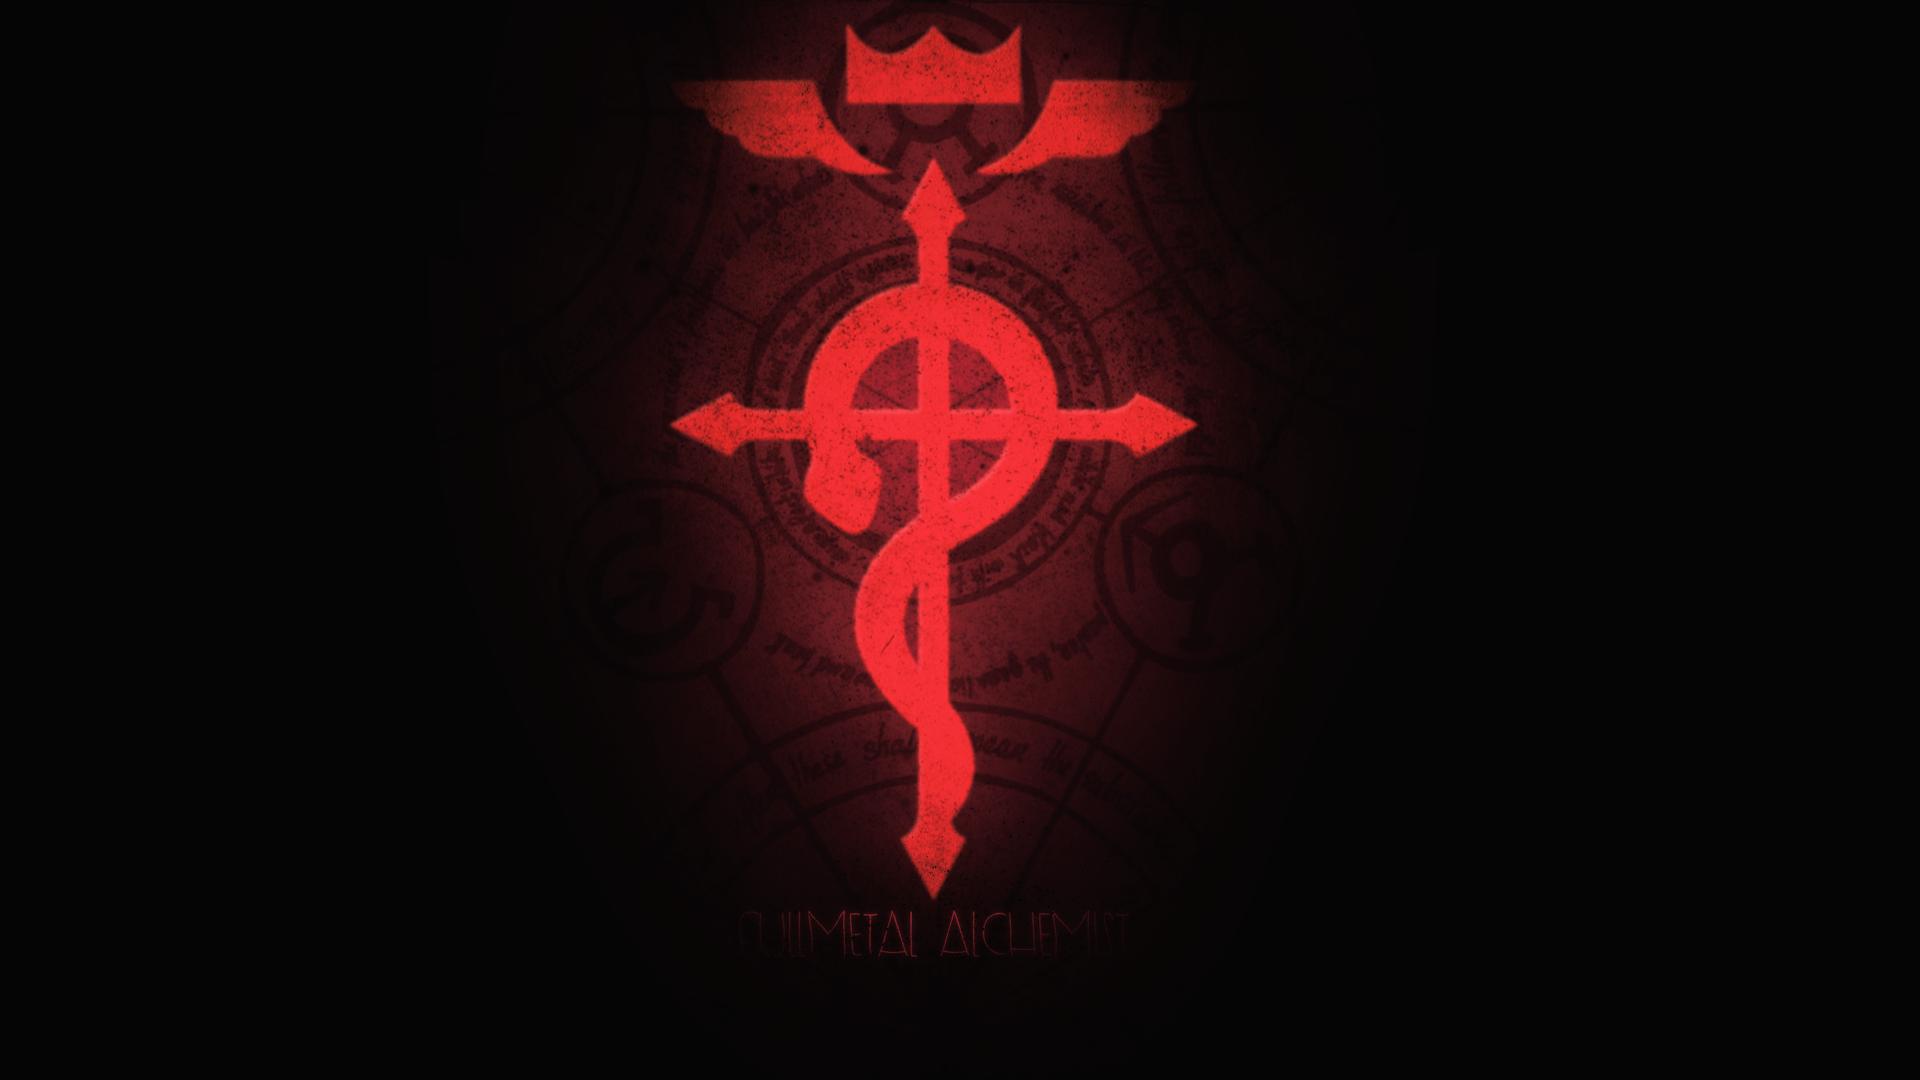 Beautiful Wallpaper Logo Fullmetal Alchemist - fullmetal_alchemist_wallpaper_by_ramzes100-d8mjp2w  Collection_193264.png